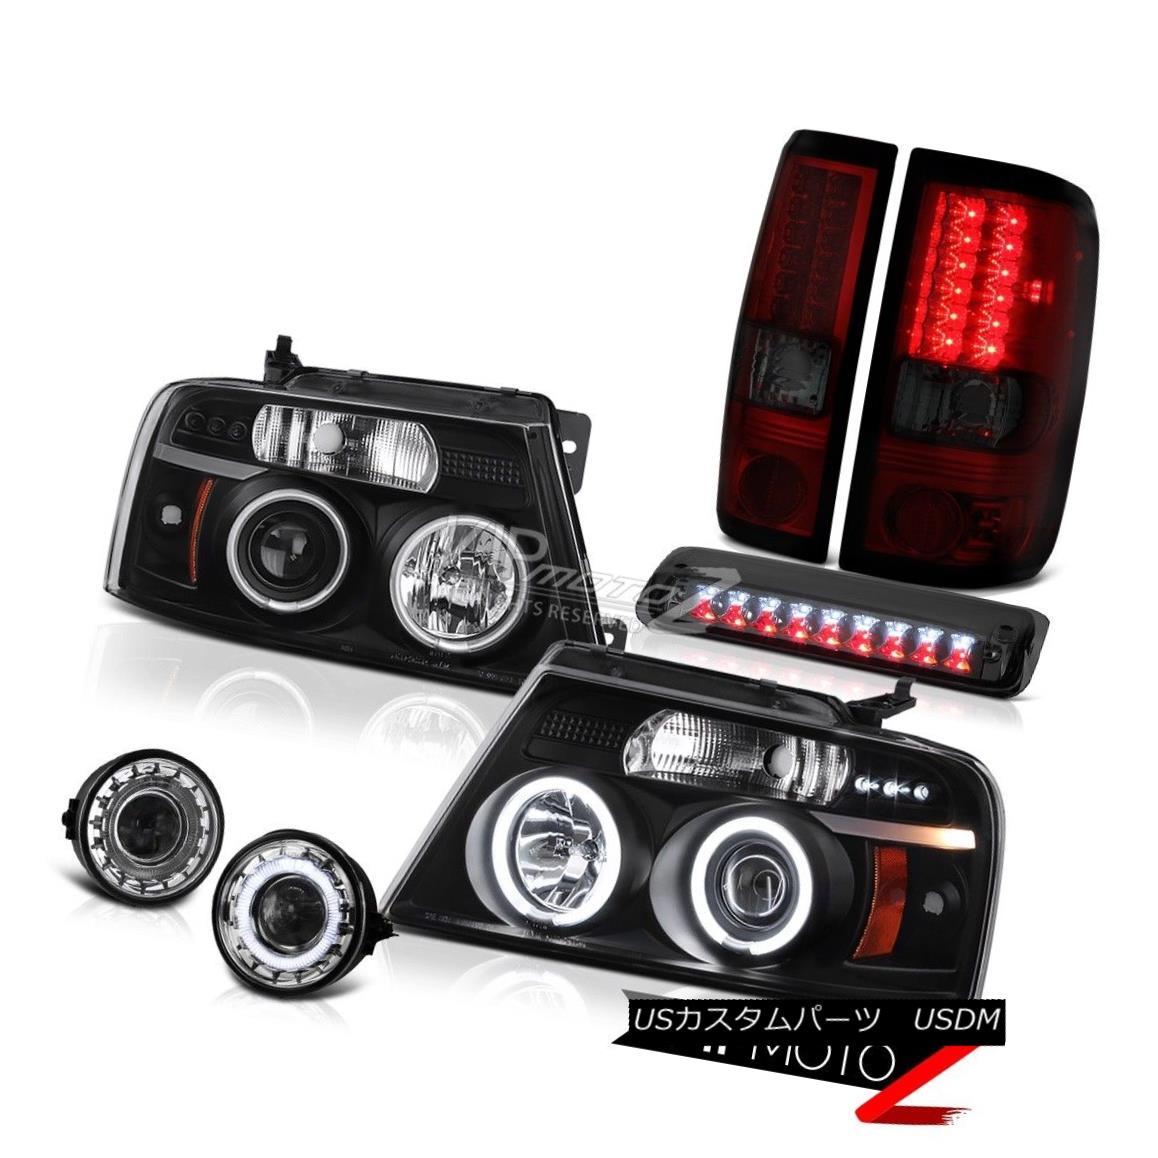 ヘッドライト 06 07 08 Ford F150 FX4 Foglamps Smoked Roof Cab Light Black Headlamps Taillights 06 07 08フォードF150 FX4フォグランプスモークルーフキャブライトブラックヘッドランプテールランプ